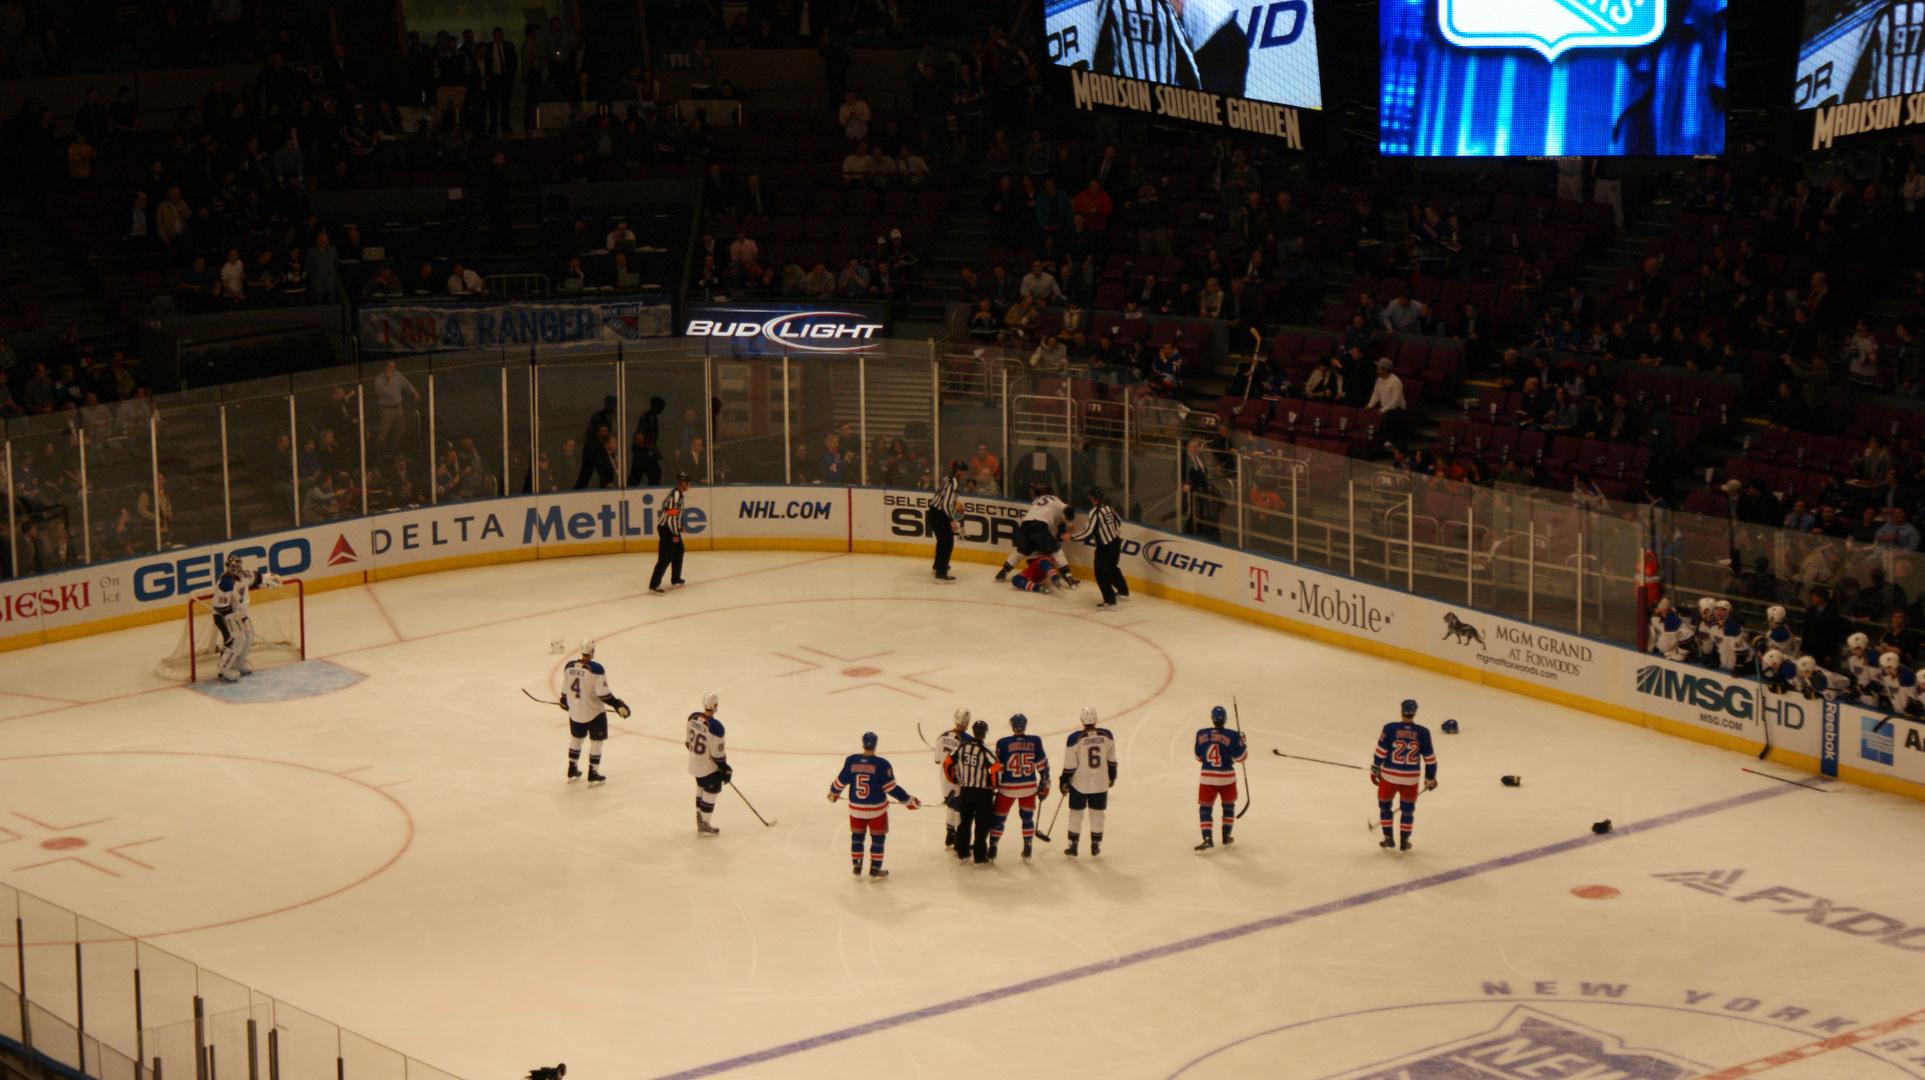 New York Rangers - St. Lois